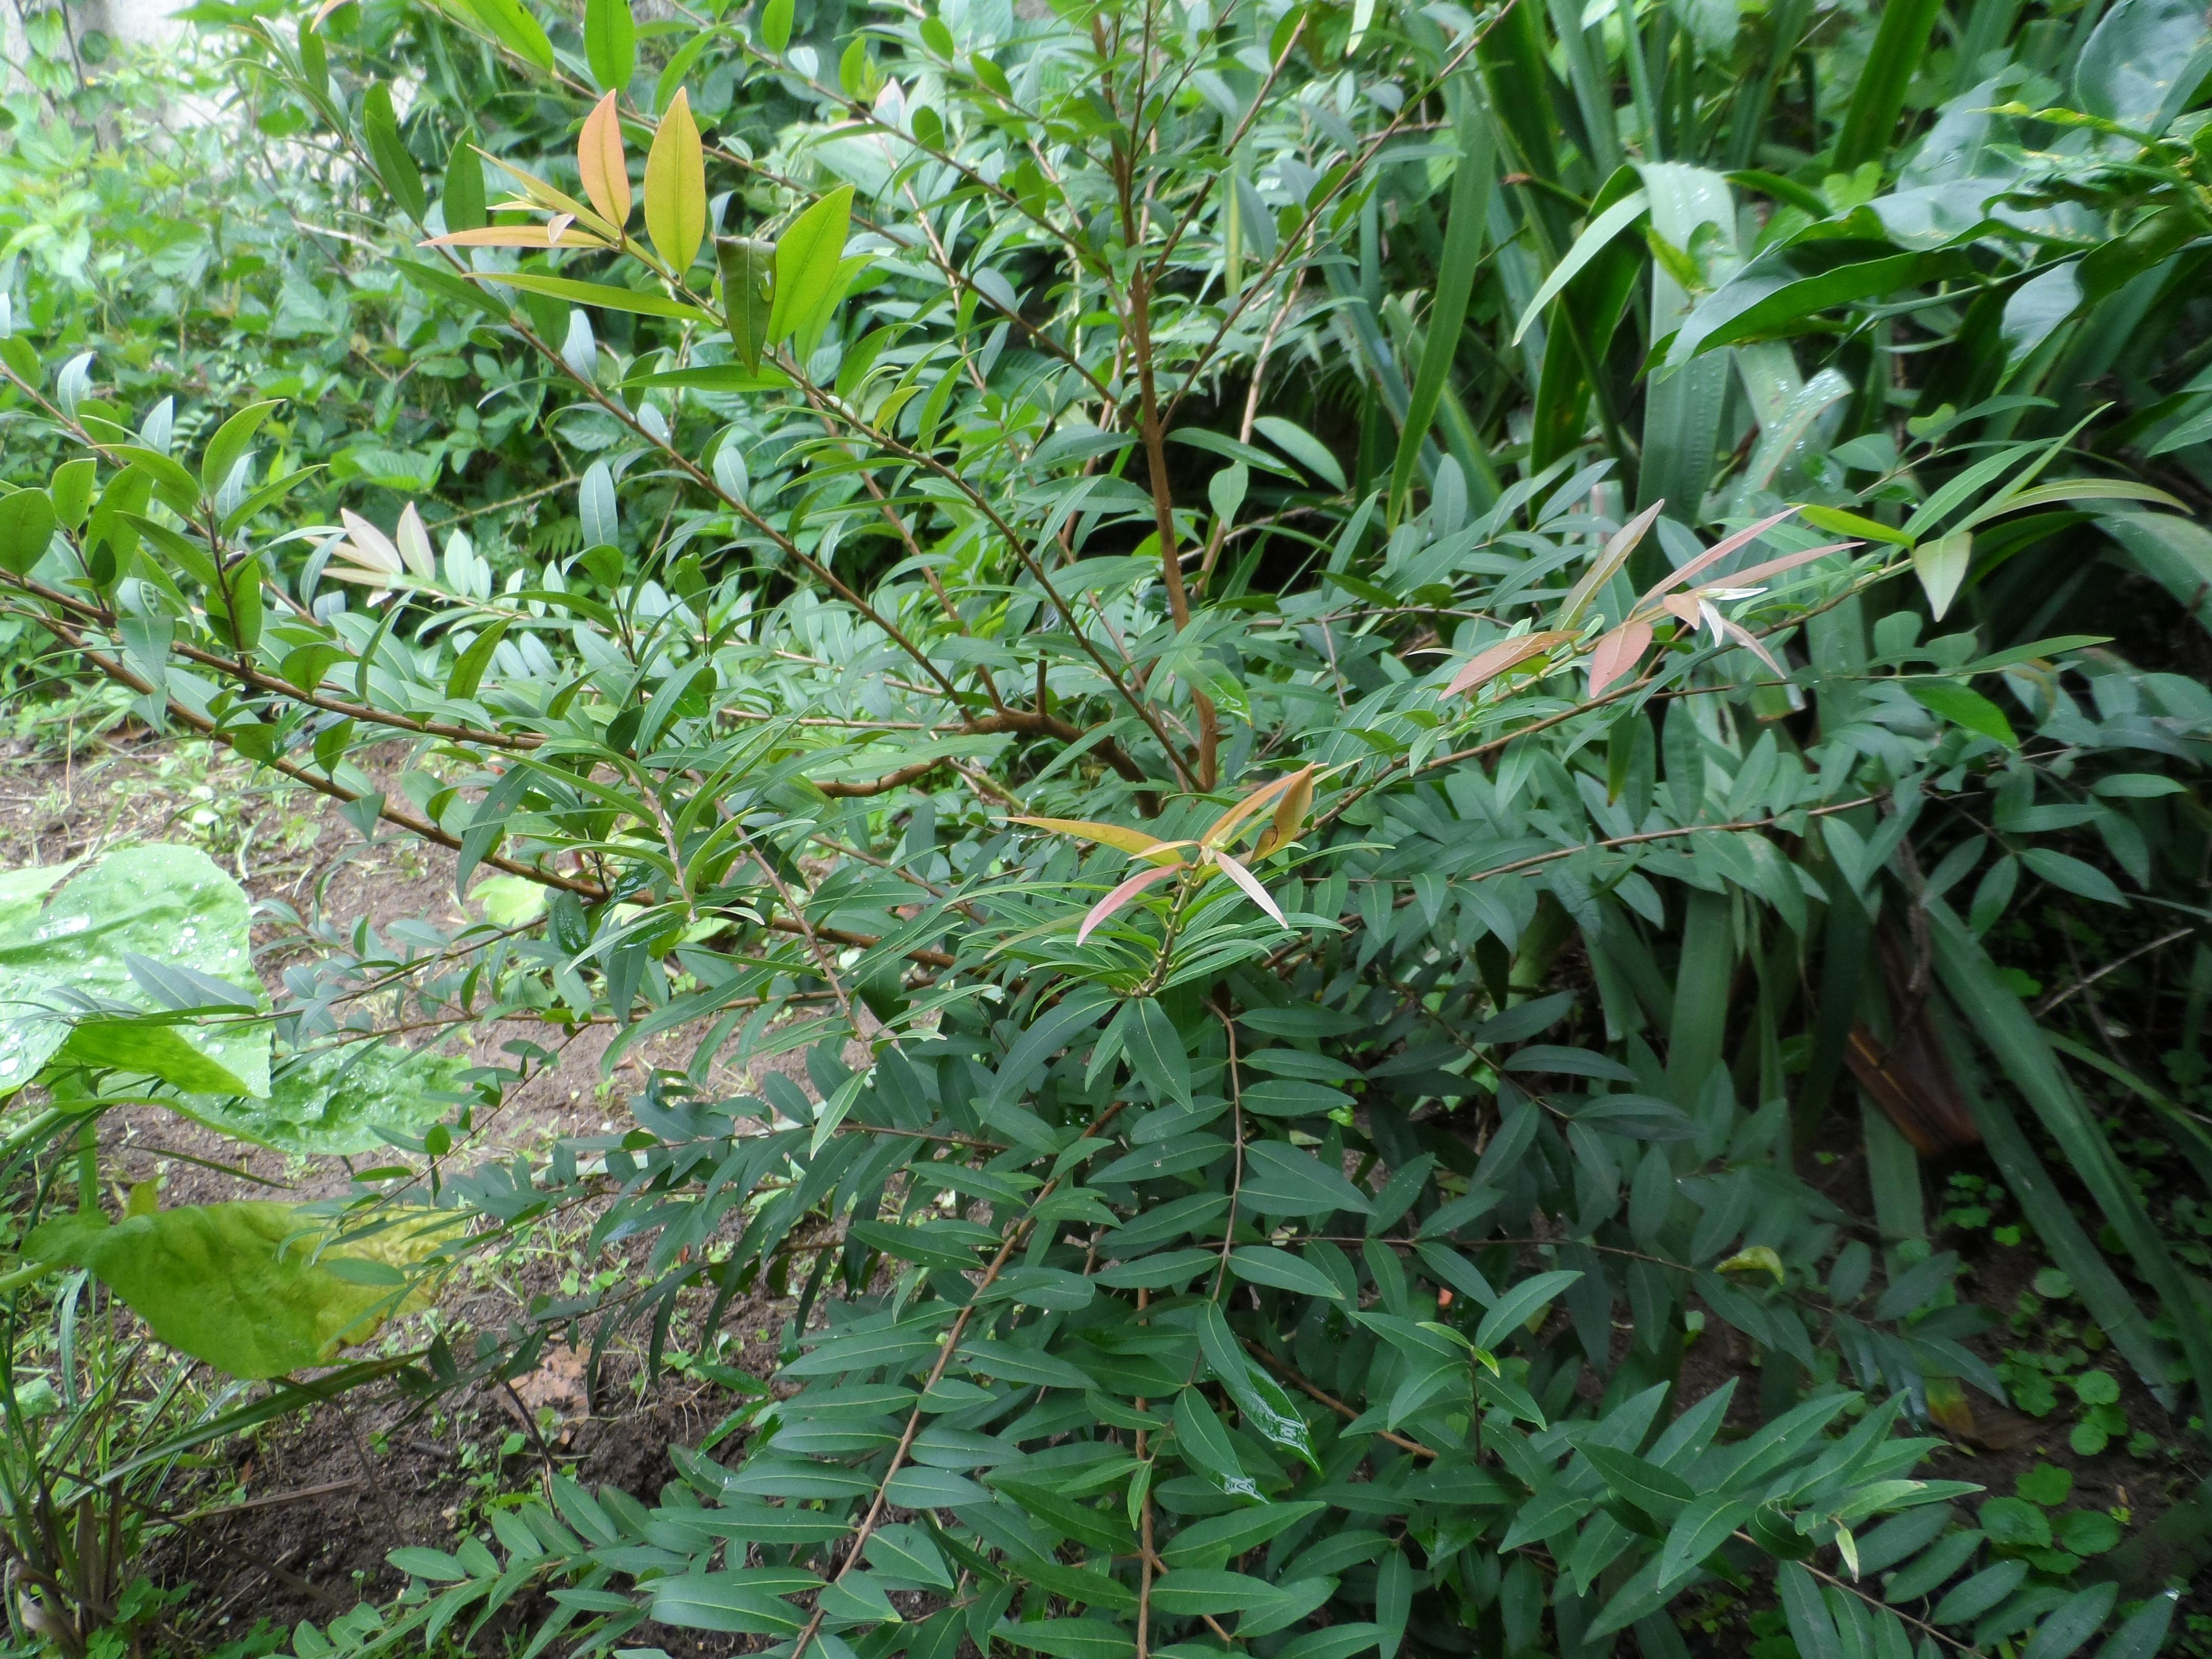 meu quintal meu jardim : meu quintal meu jardim:FRUTAS DO MEU QUINTAL